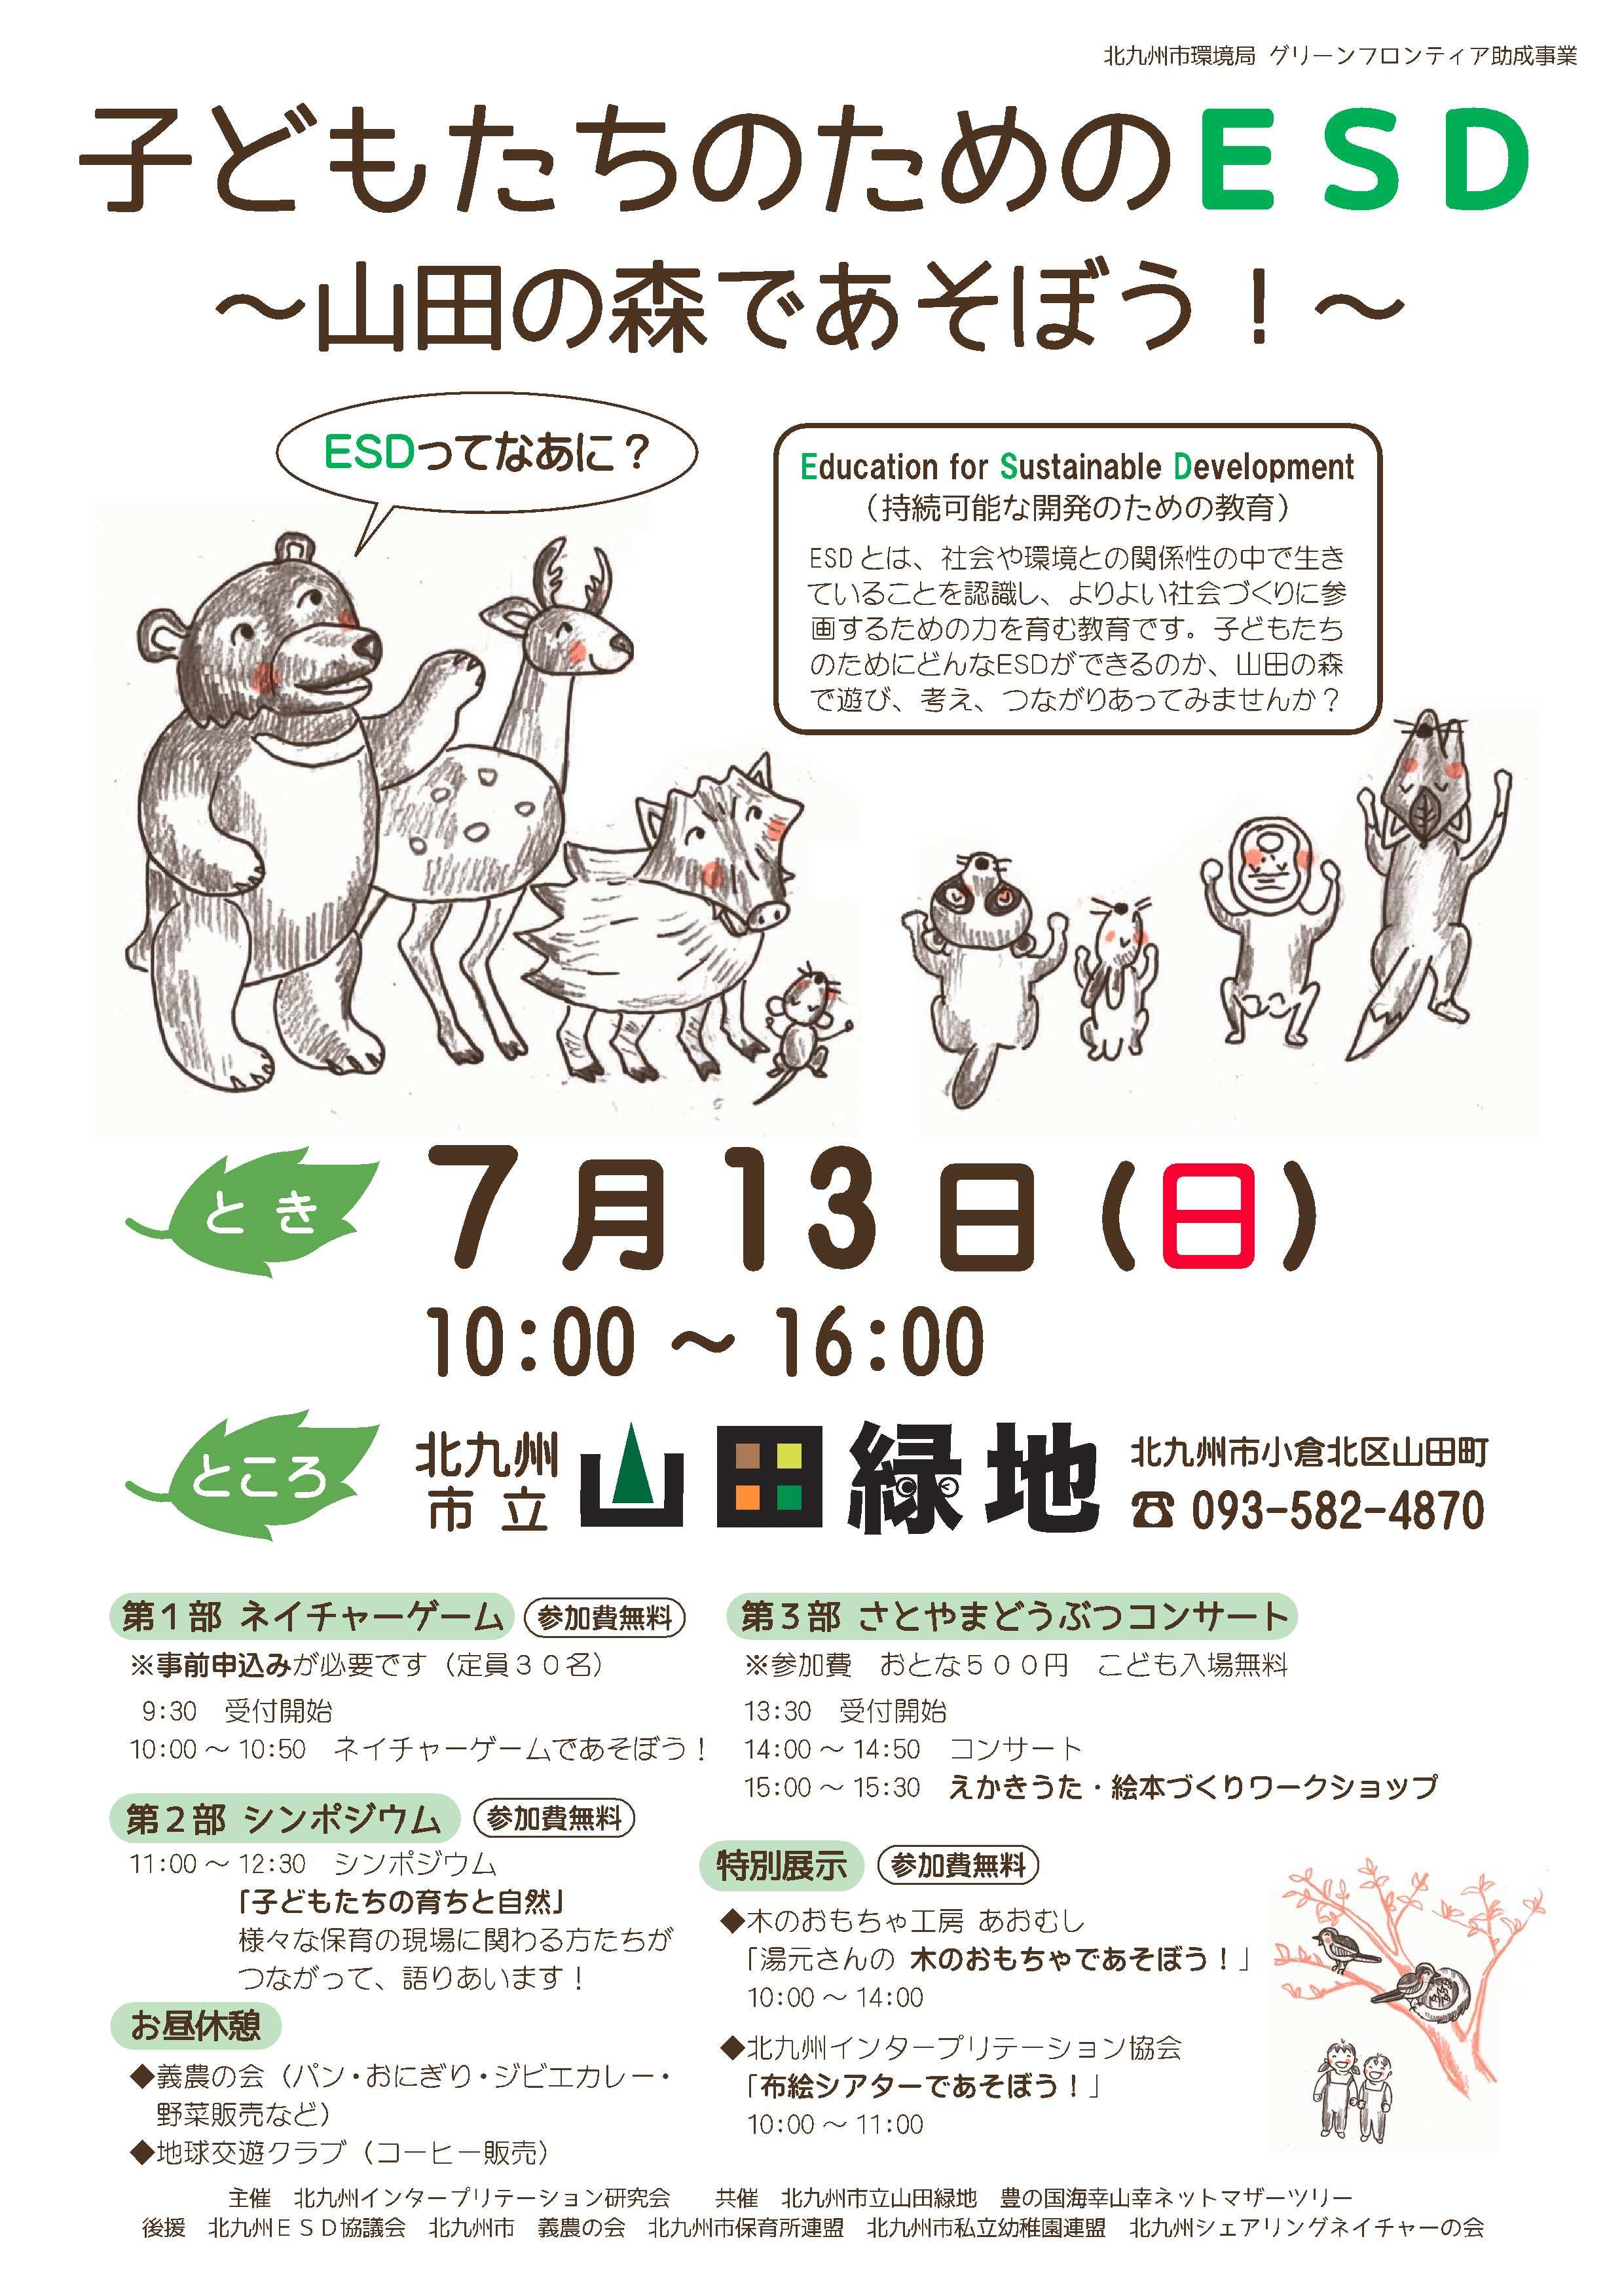 ESD山田の森であそぼう! 1 - 7月13日(日)子どもたちのためのESD ~山田の森であそぼう!~<終了しました>